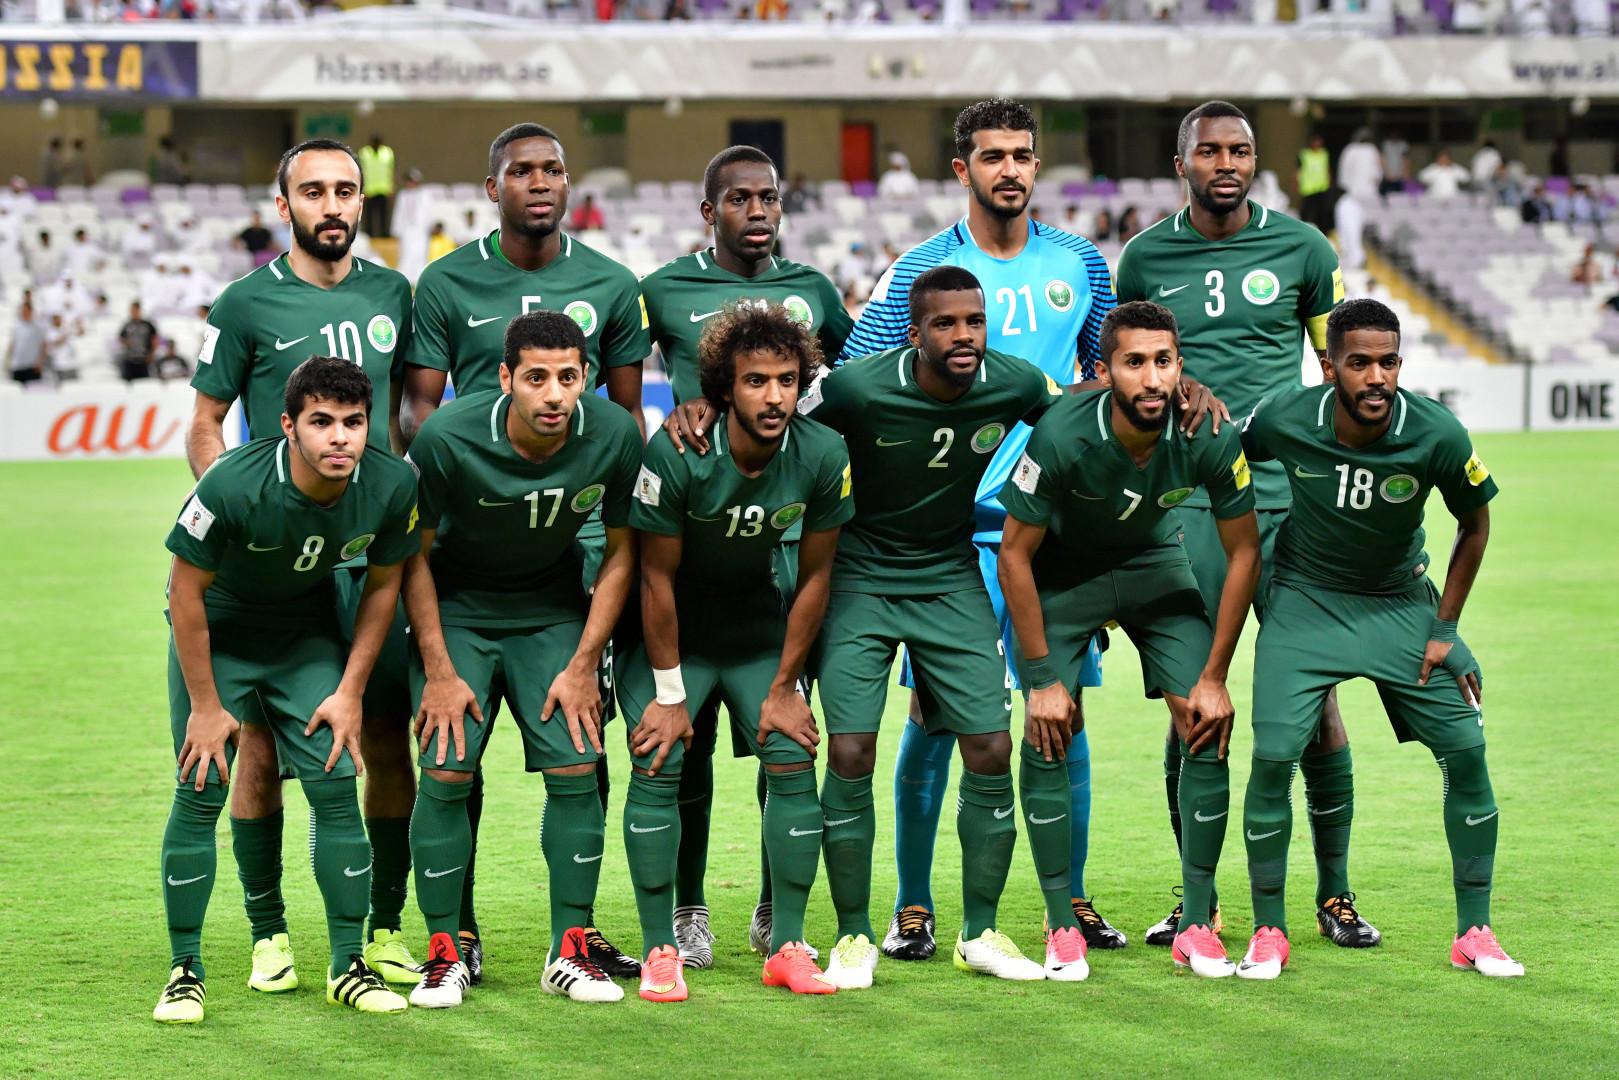 Coupe du Monde 2018 : L'Arabie Saoudite est dans le groupe A